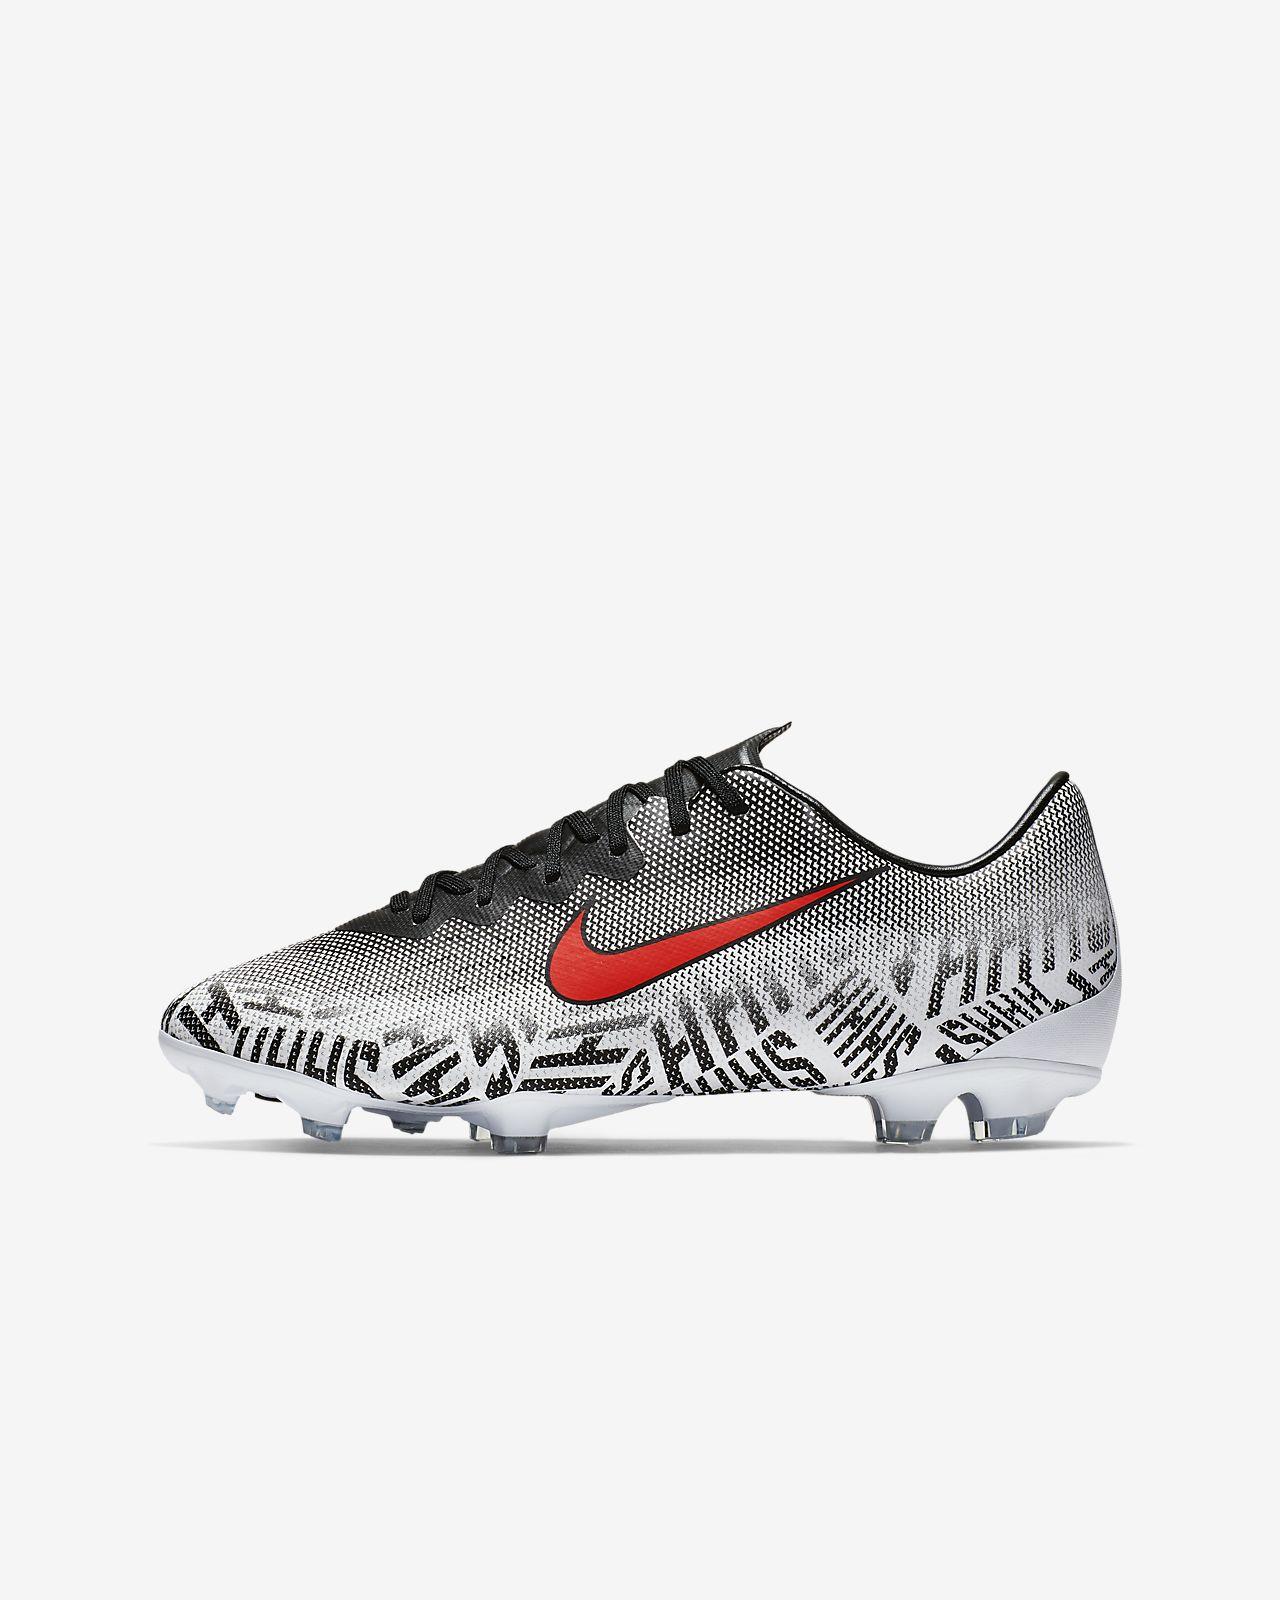 Футбольные бутсы для игры на твердом грунте для школьников Nike Jr. Mercurial Vapor 12 Elite Neymar Jr. FG